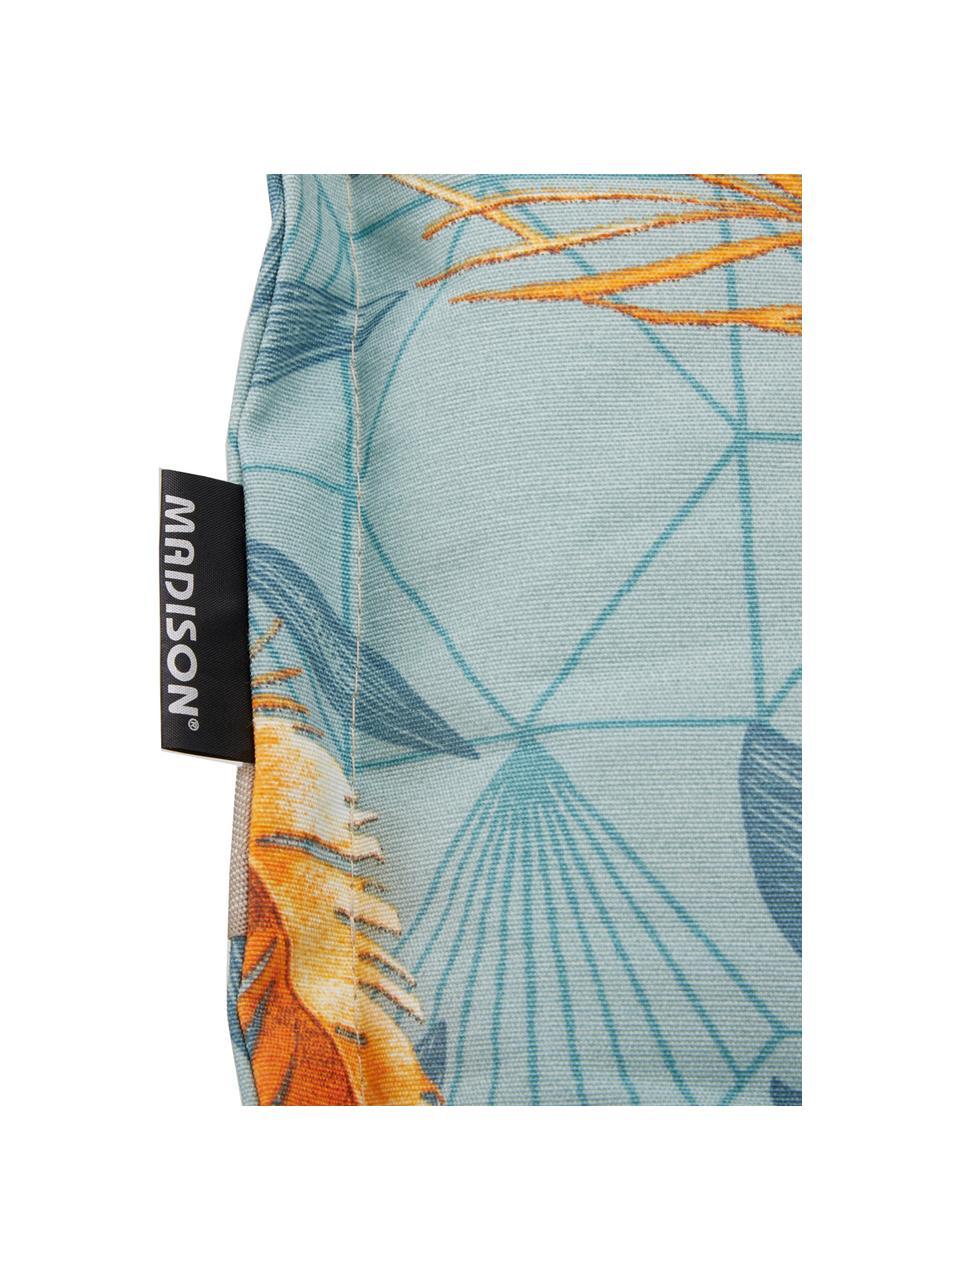 Hochlehner-Stuhlauflage Dotan mit tropischem Print, Bezug: 50% Baumwolle, 45% Polyes, Hellblau, Blau, Orange, 50 x 123 cm